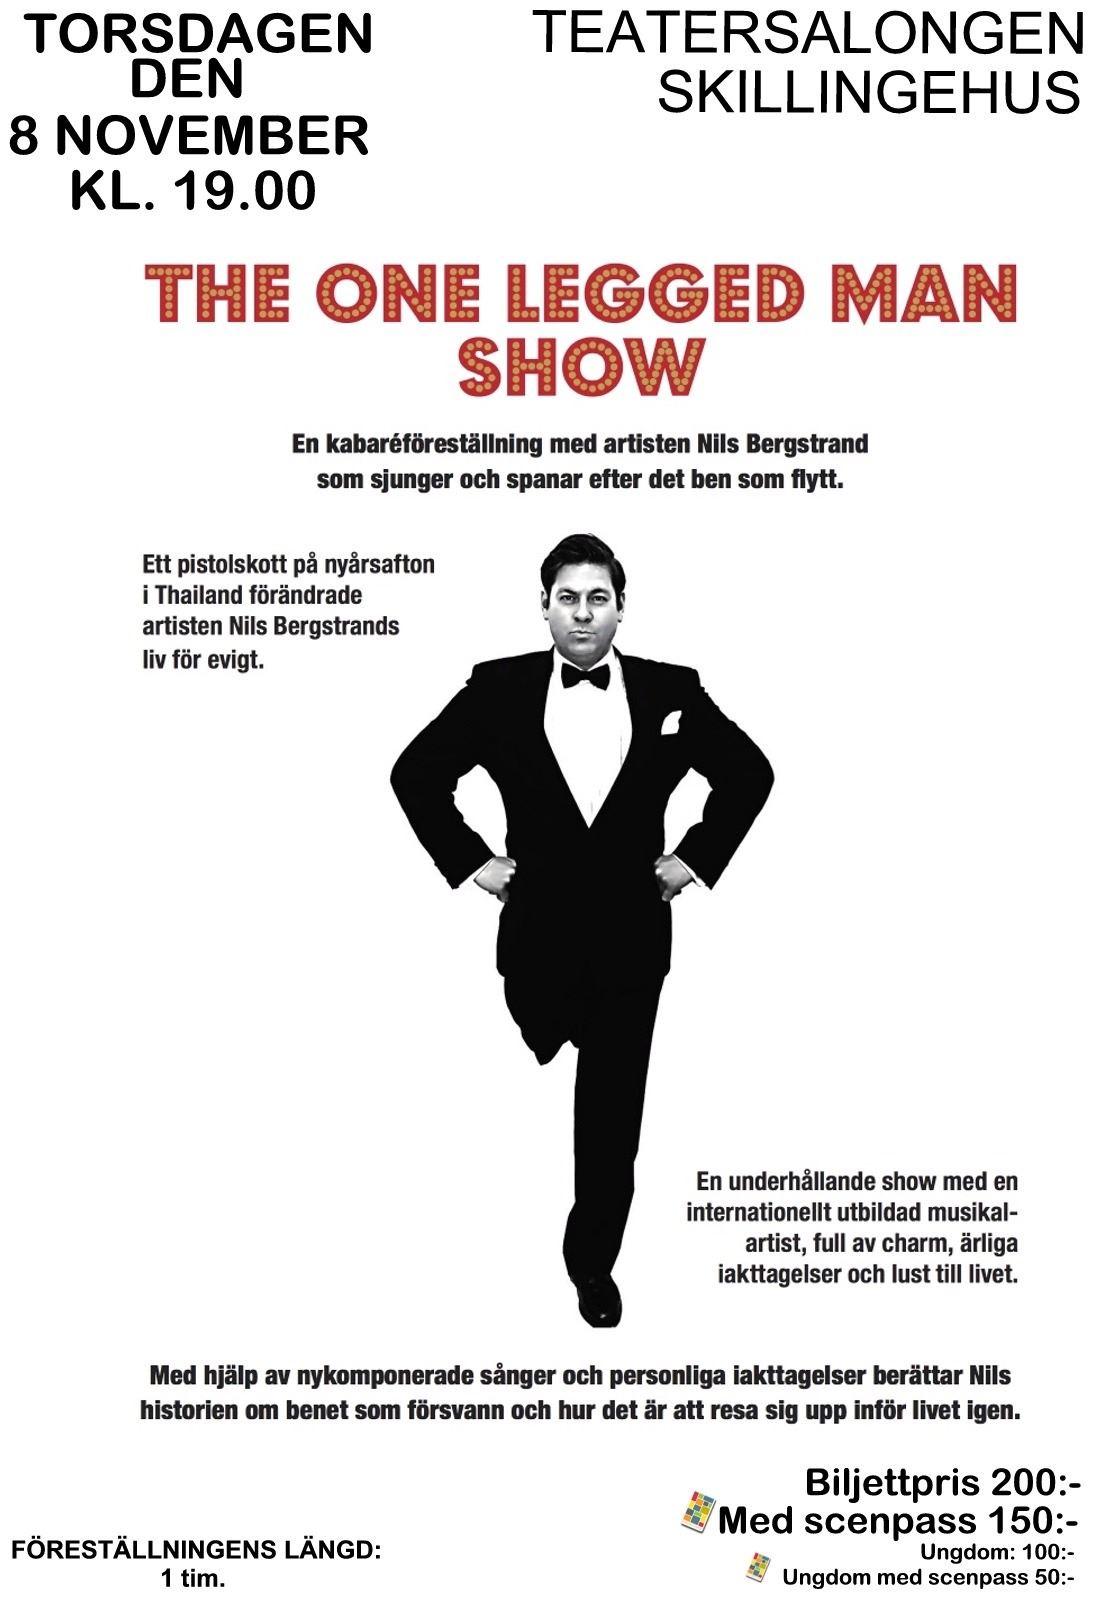 The one legged man show